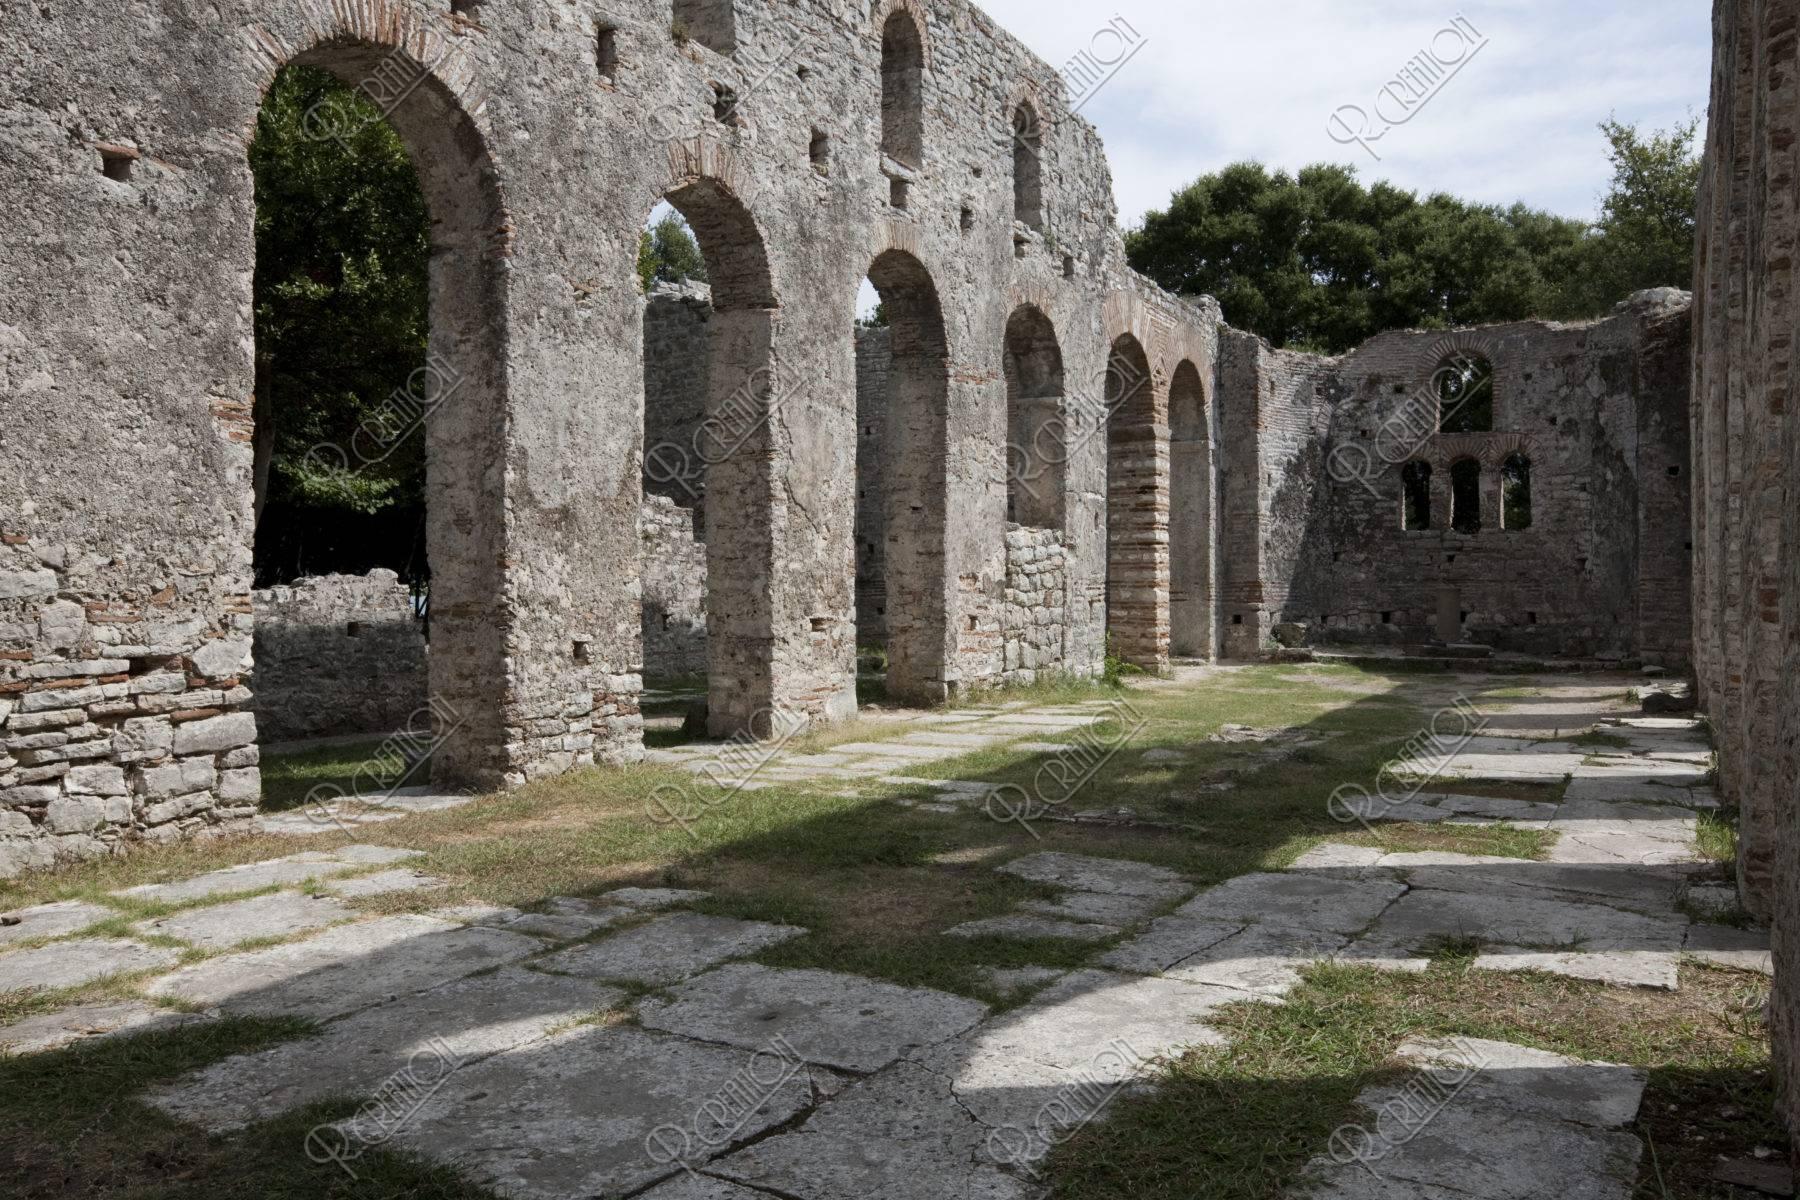 ブトリント遺跡 バジリカ 世界遺産